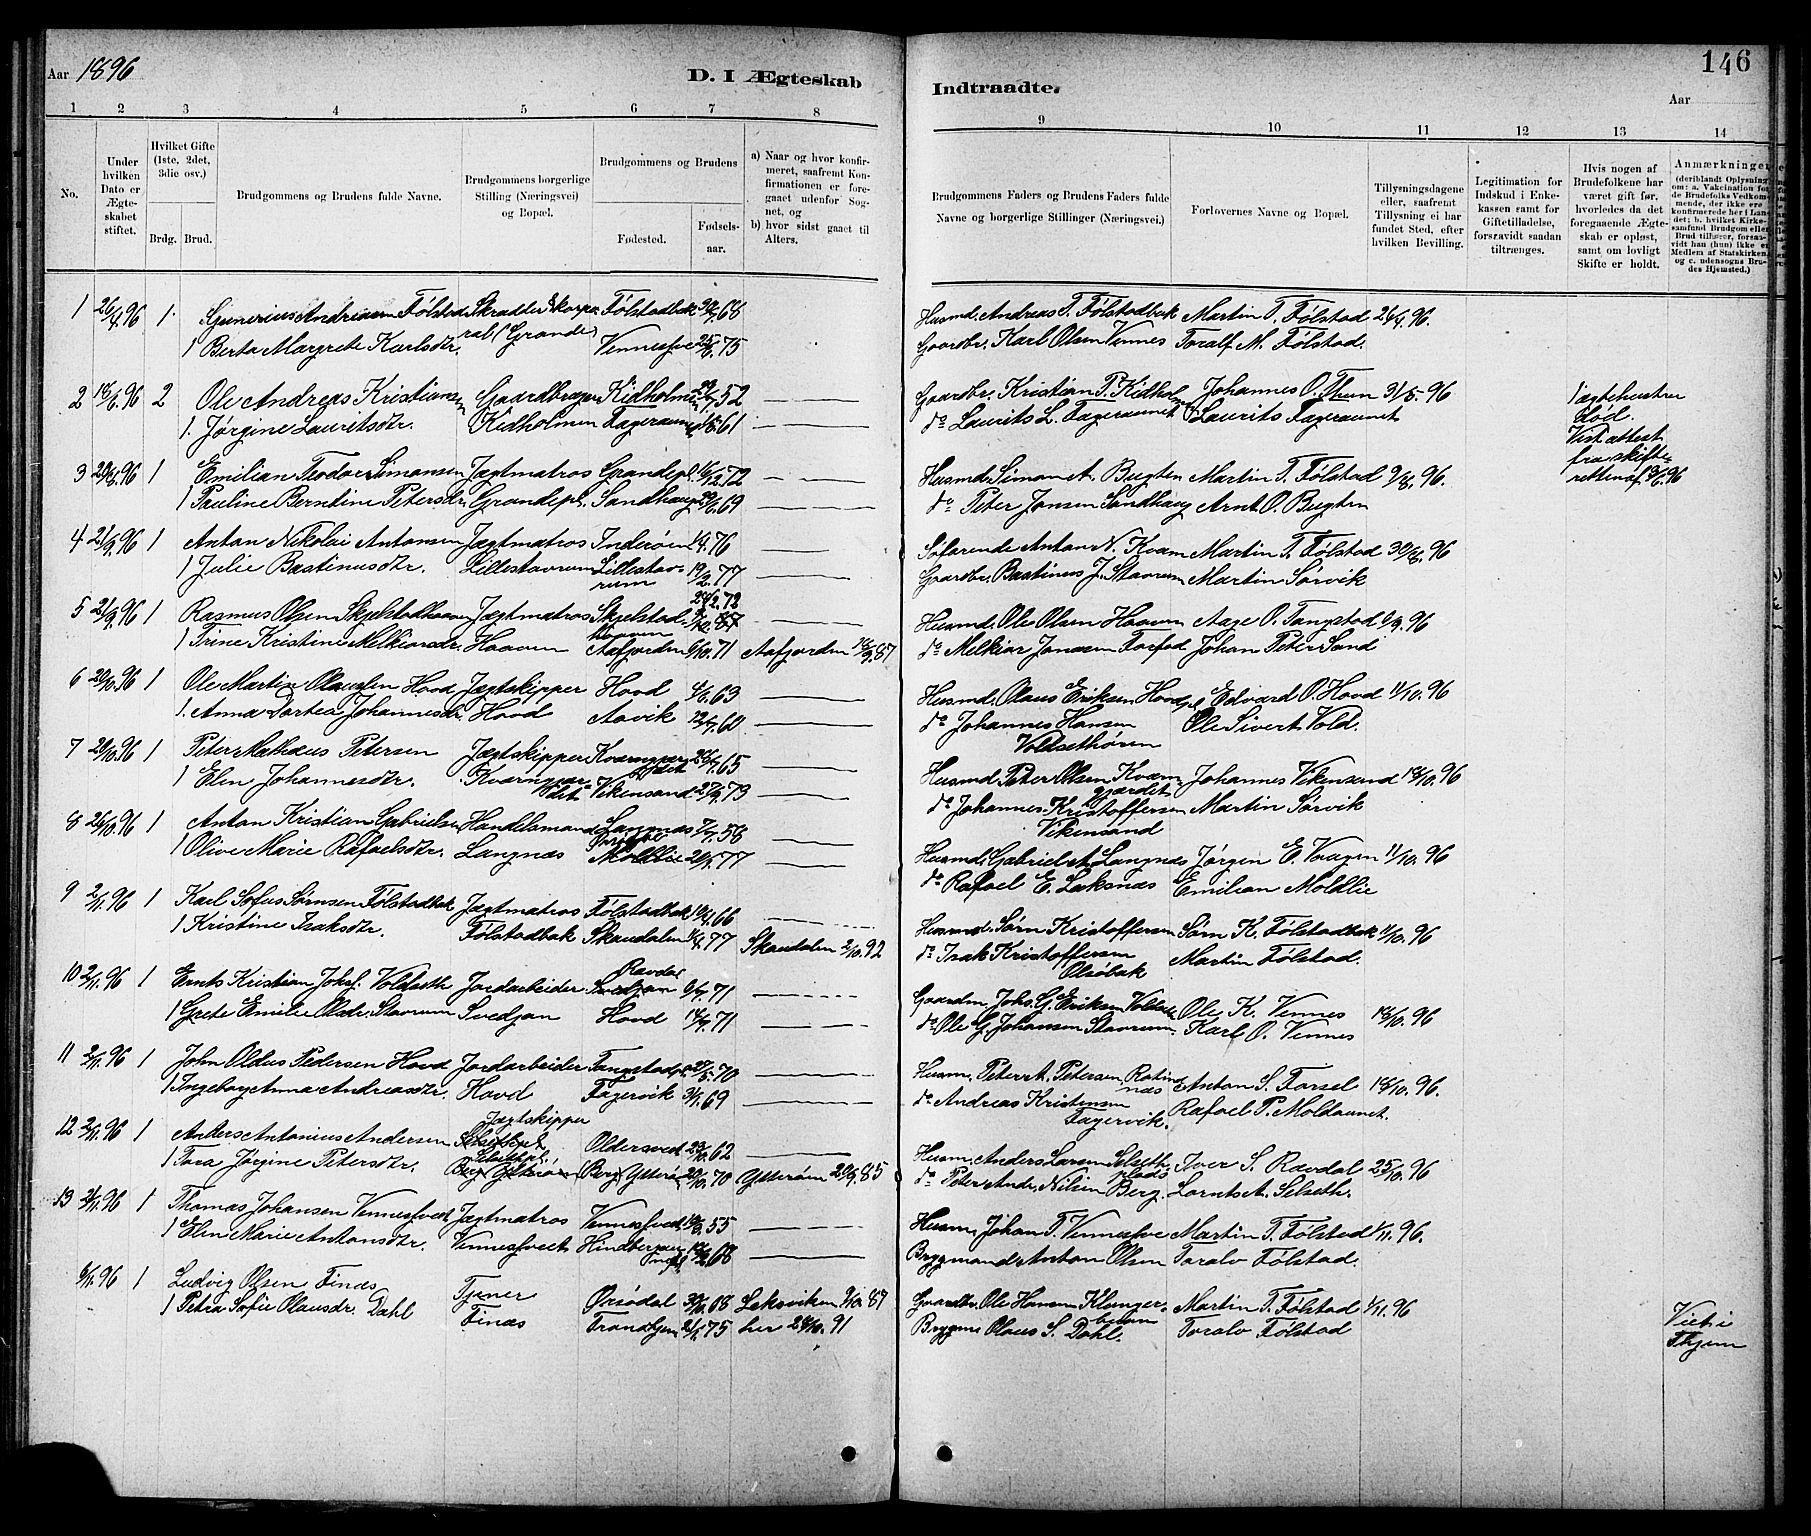 SAT, Ministerialprotokoller, klokkerbøker og fødselsregistre - Nord-Trøndelag, 744/L0423: Klokkerbok nr. 744C02, 1886-1905, s. 146